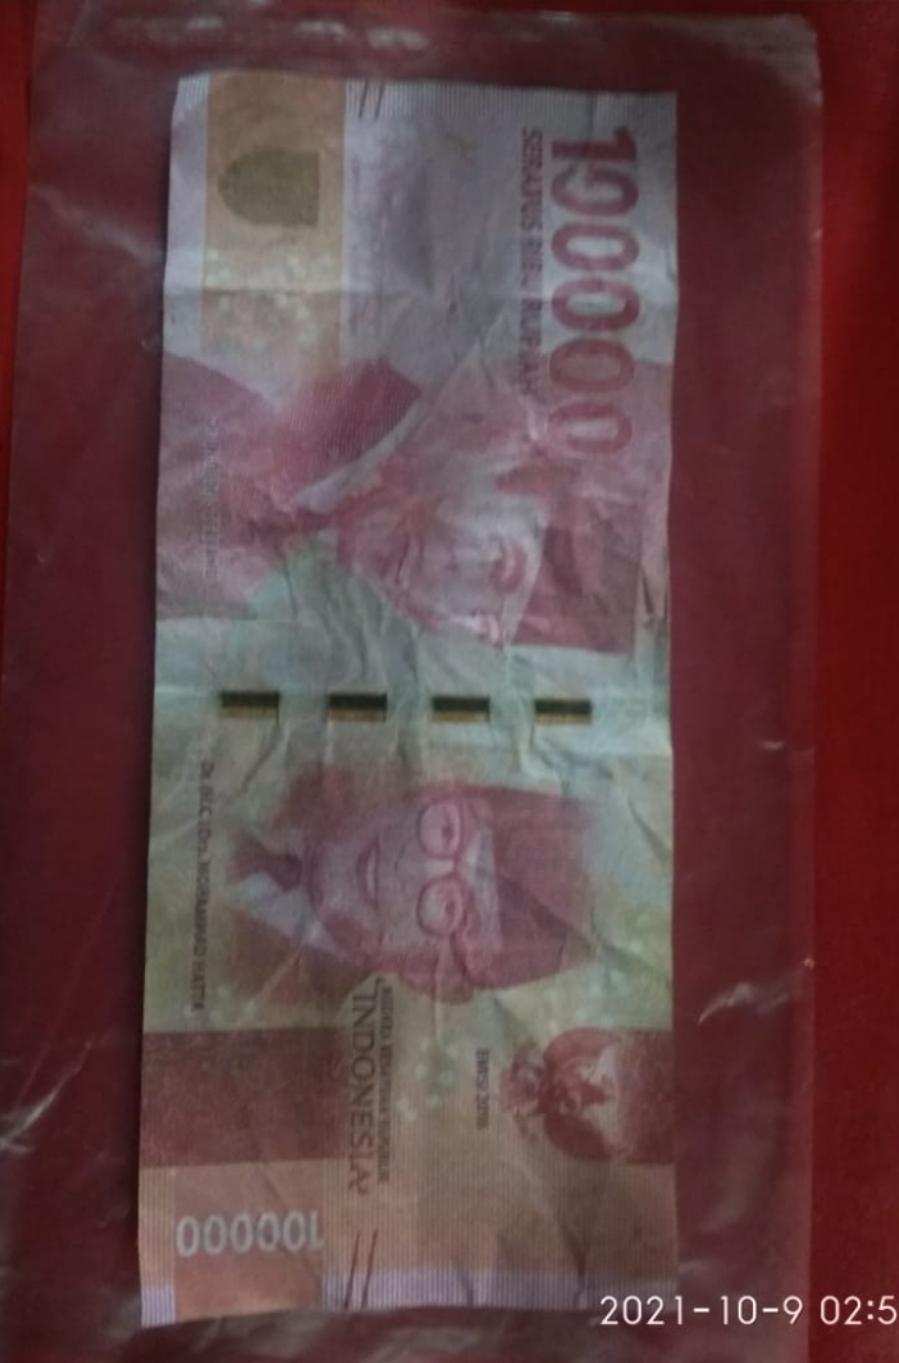 Polisi Telusuri Uang Palsu Digunakan Anak Kecil Beli Nasi Goreng